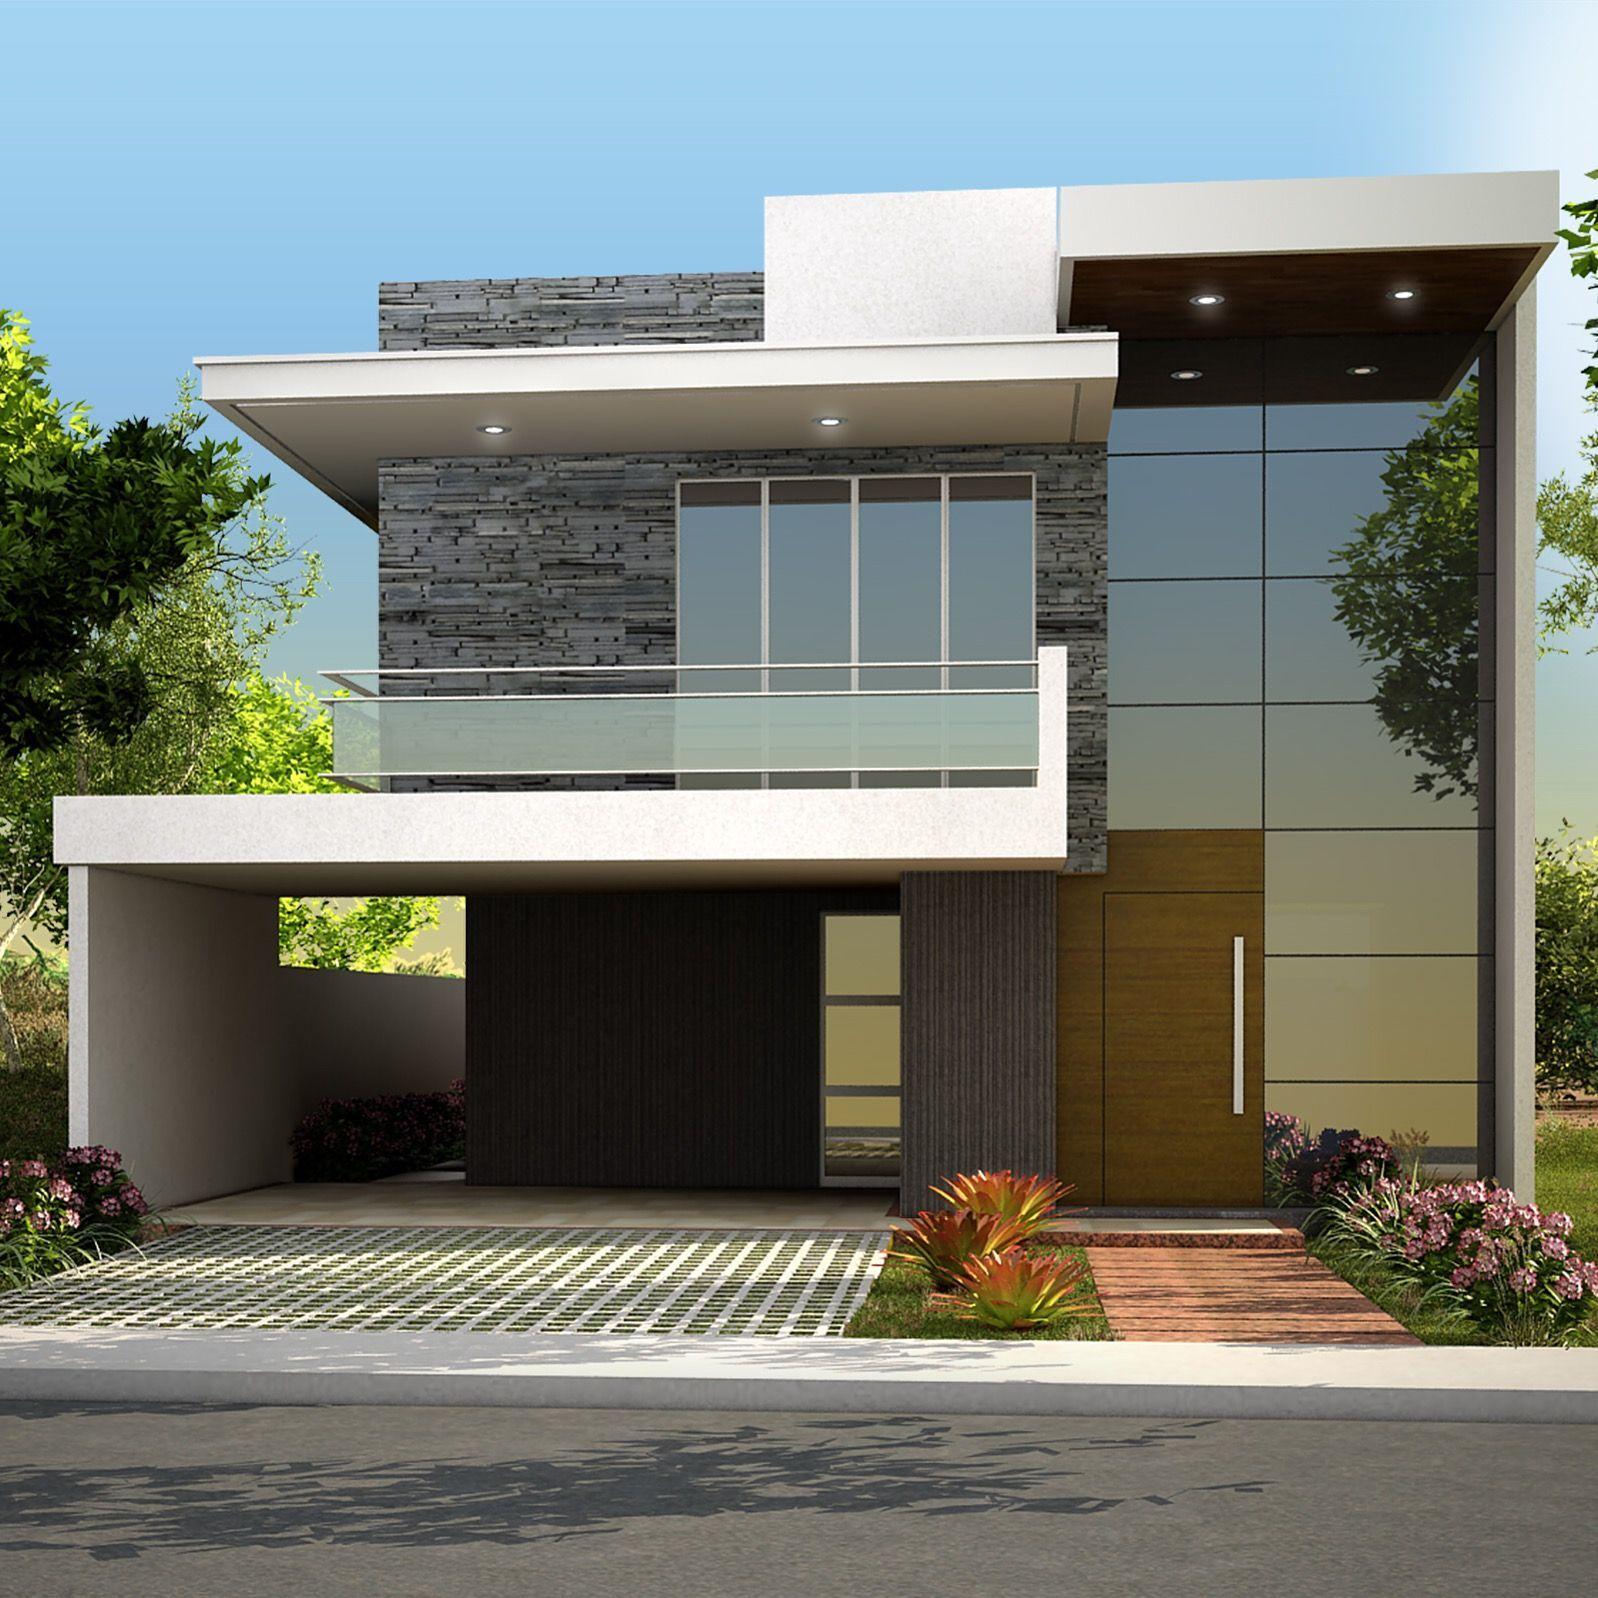 Fachada chilca casasminimalistasinteriores casas minimalistas